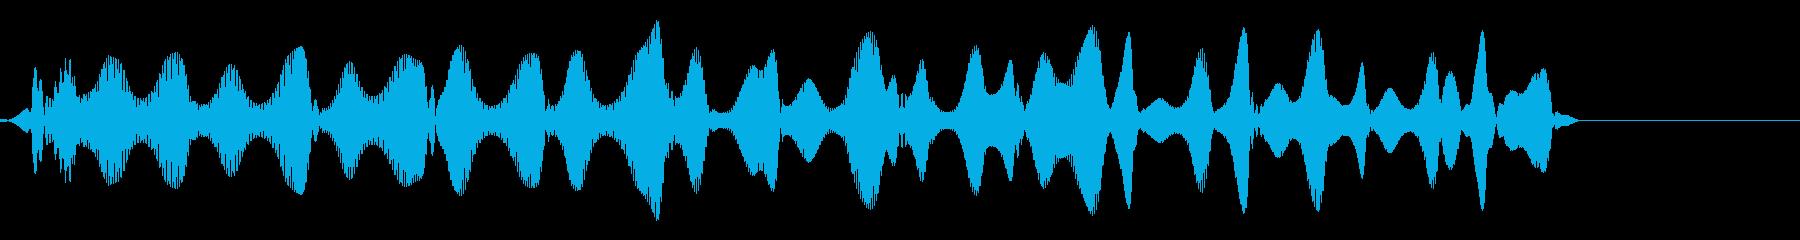 ピロピロ(飛行物体の移動音)の再生済みの波形